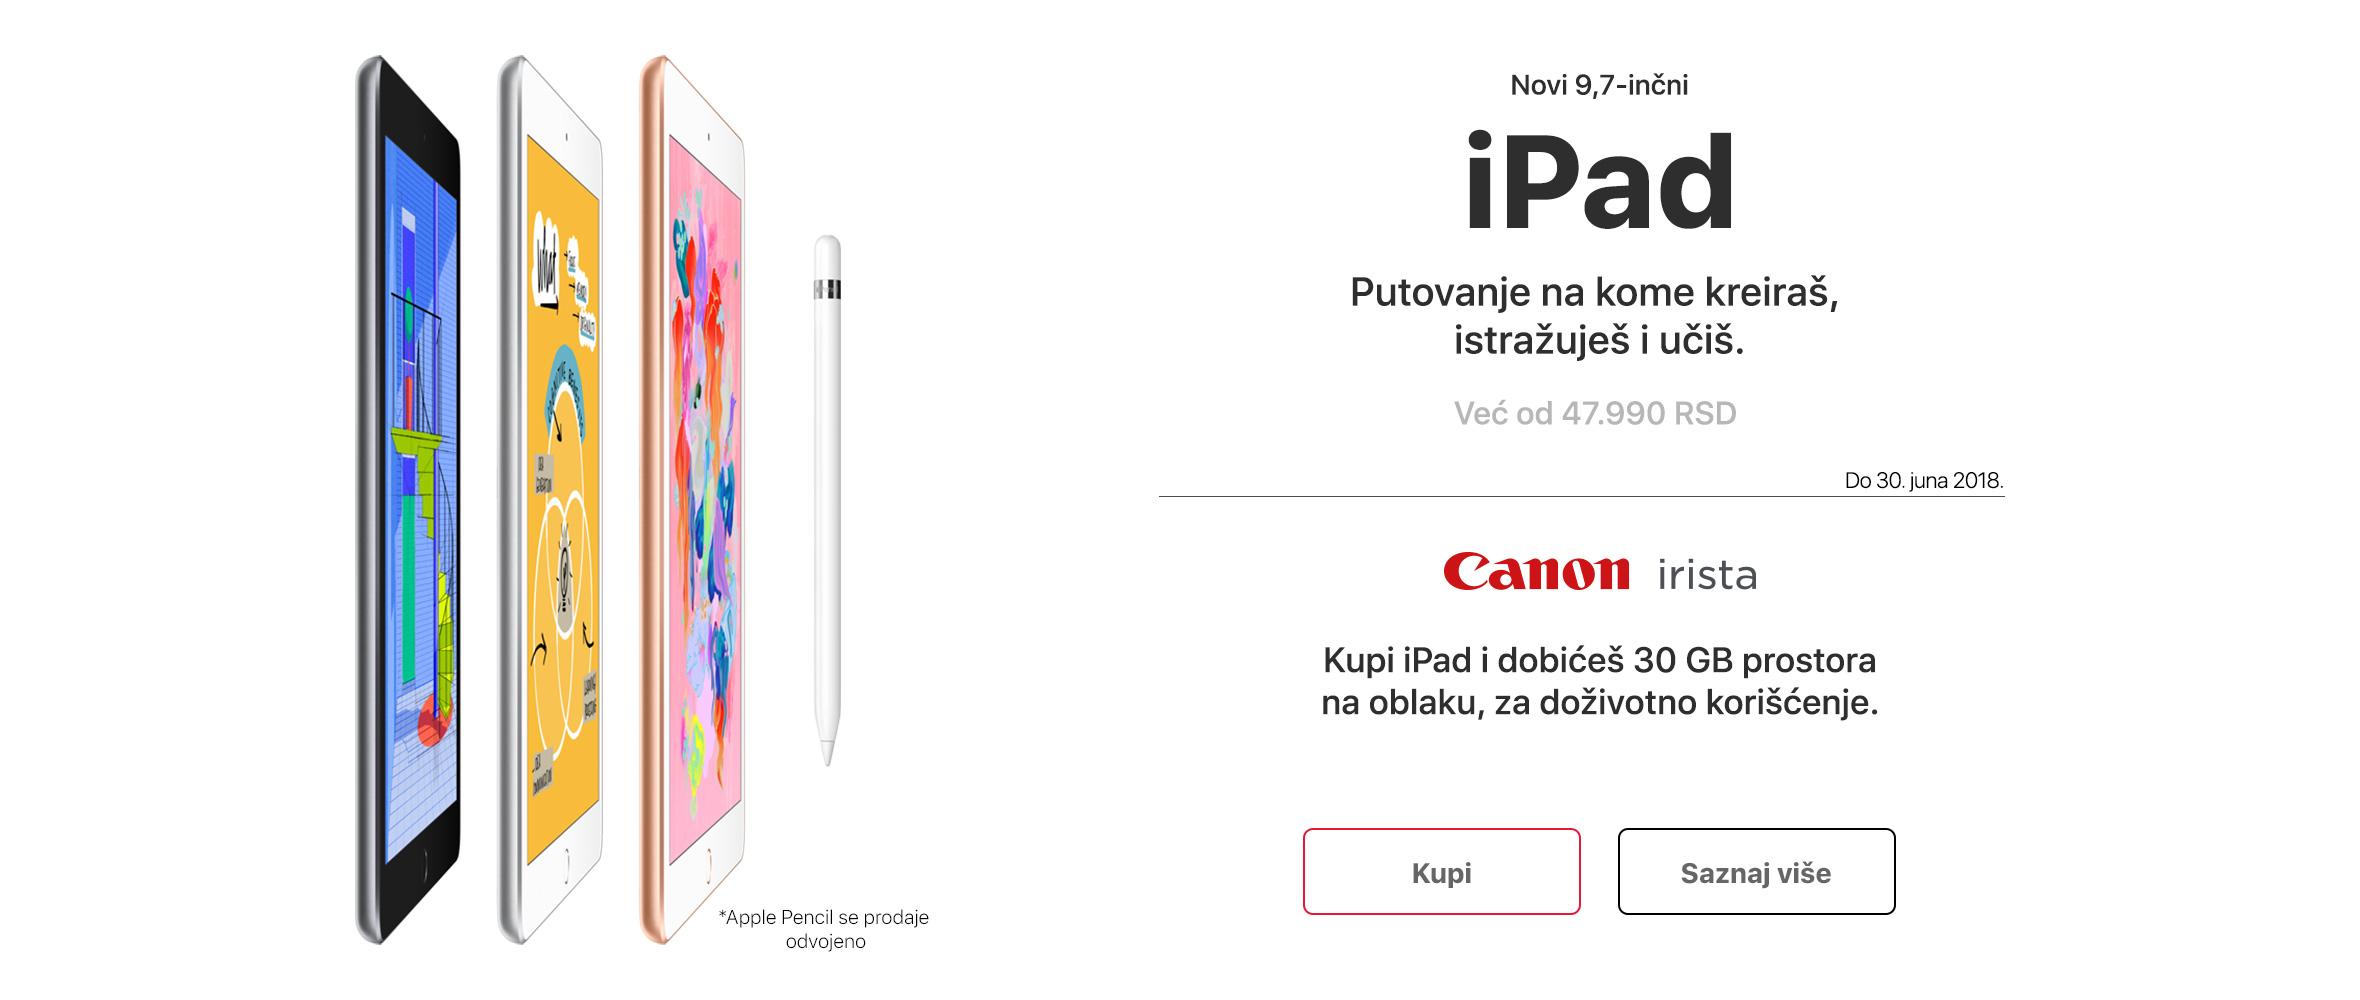 RS - iPad i 30 GB u oblaku